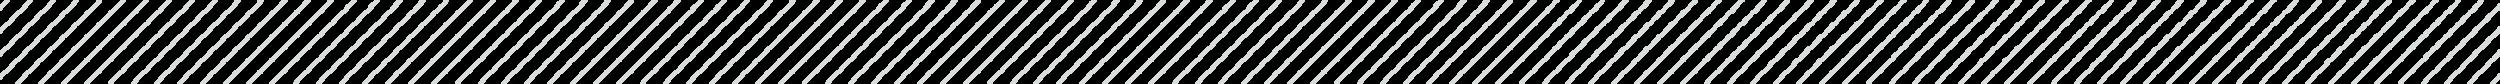 diagonals.png